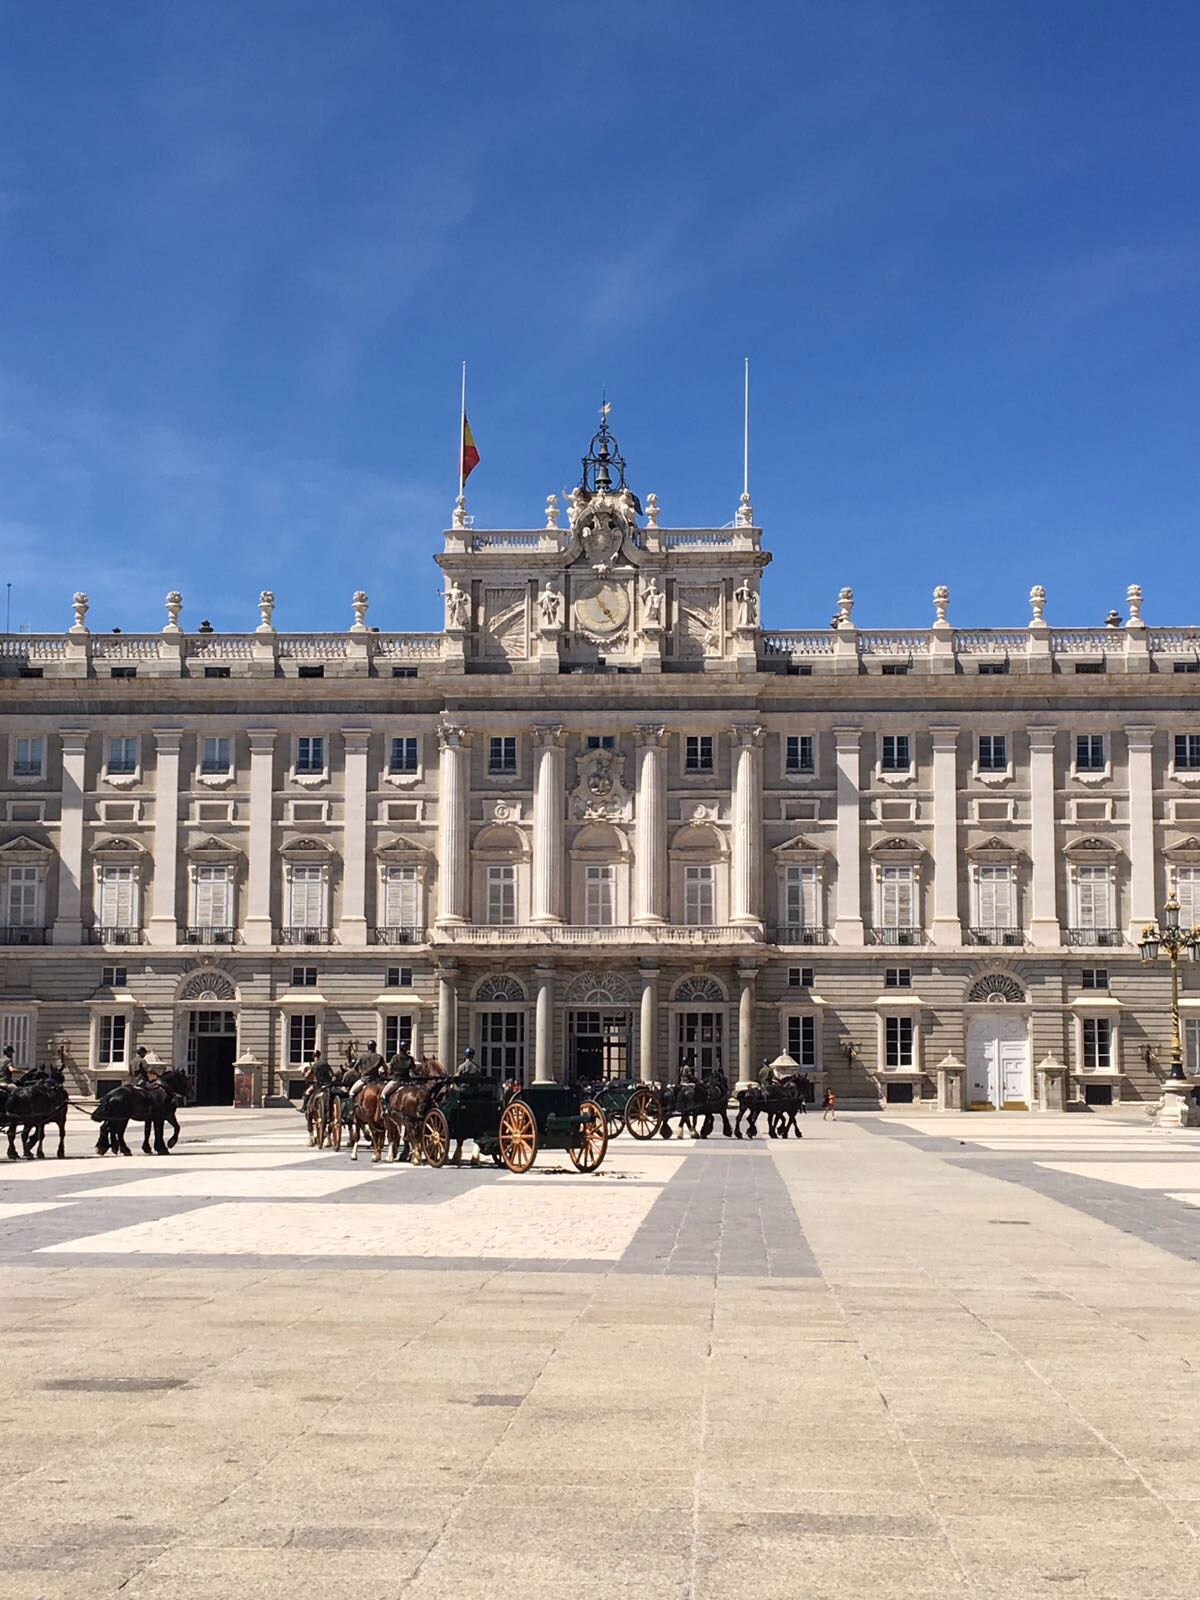 Madrid-royal-palace.jpg